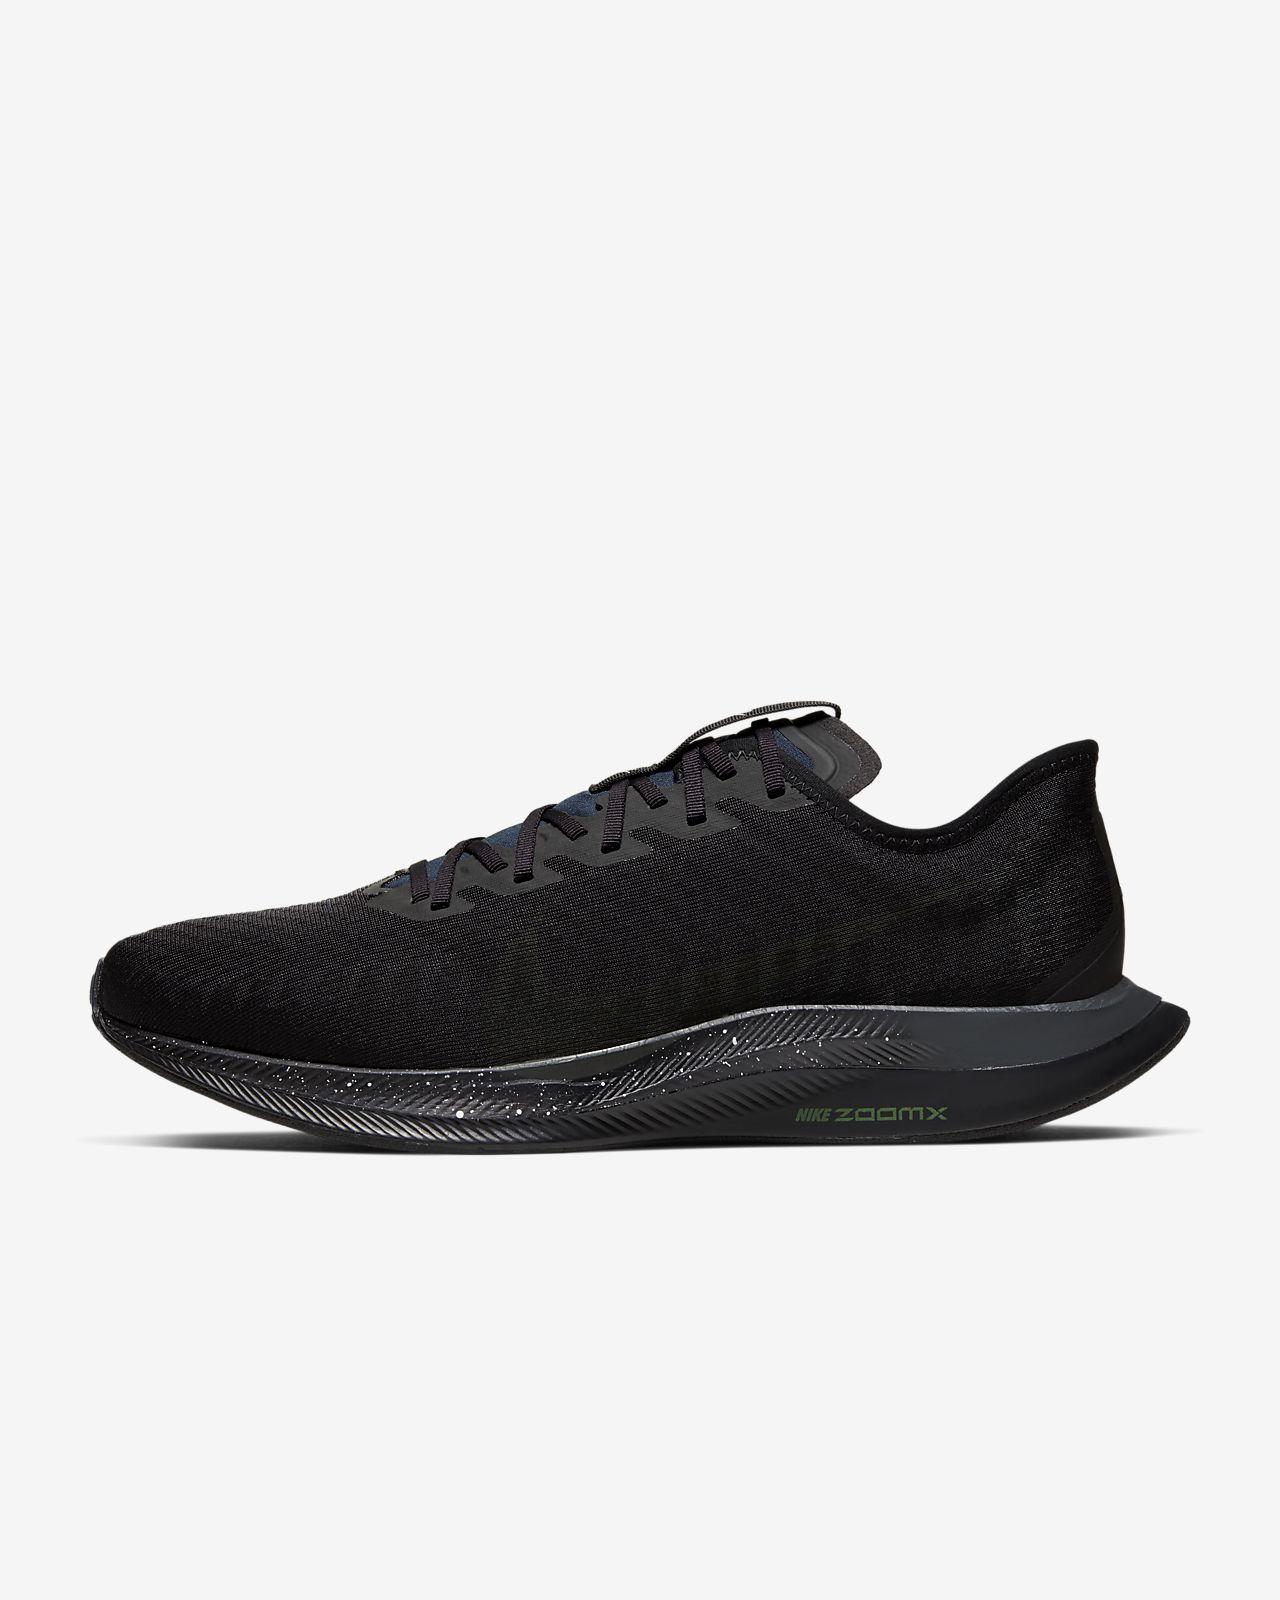 Nike Zoom Pegasus Turbo 2 SE Men's Running Shoe